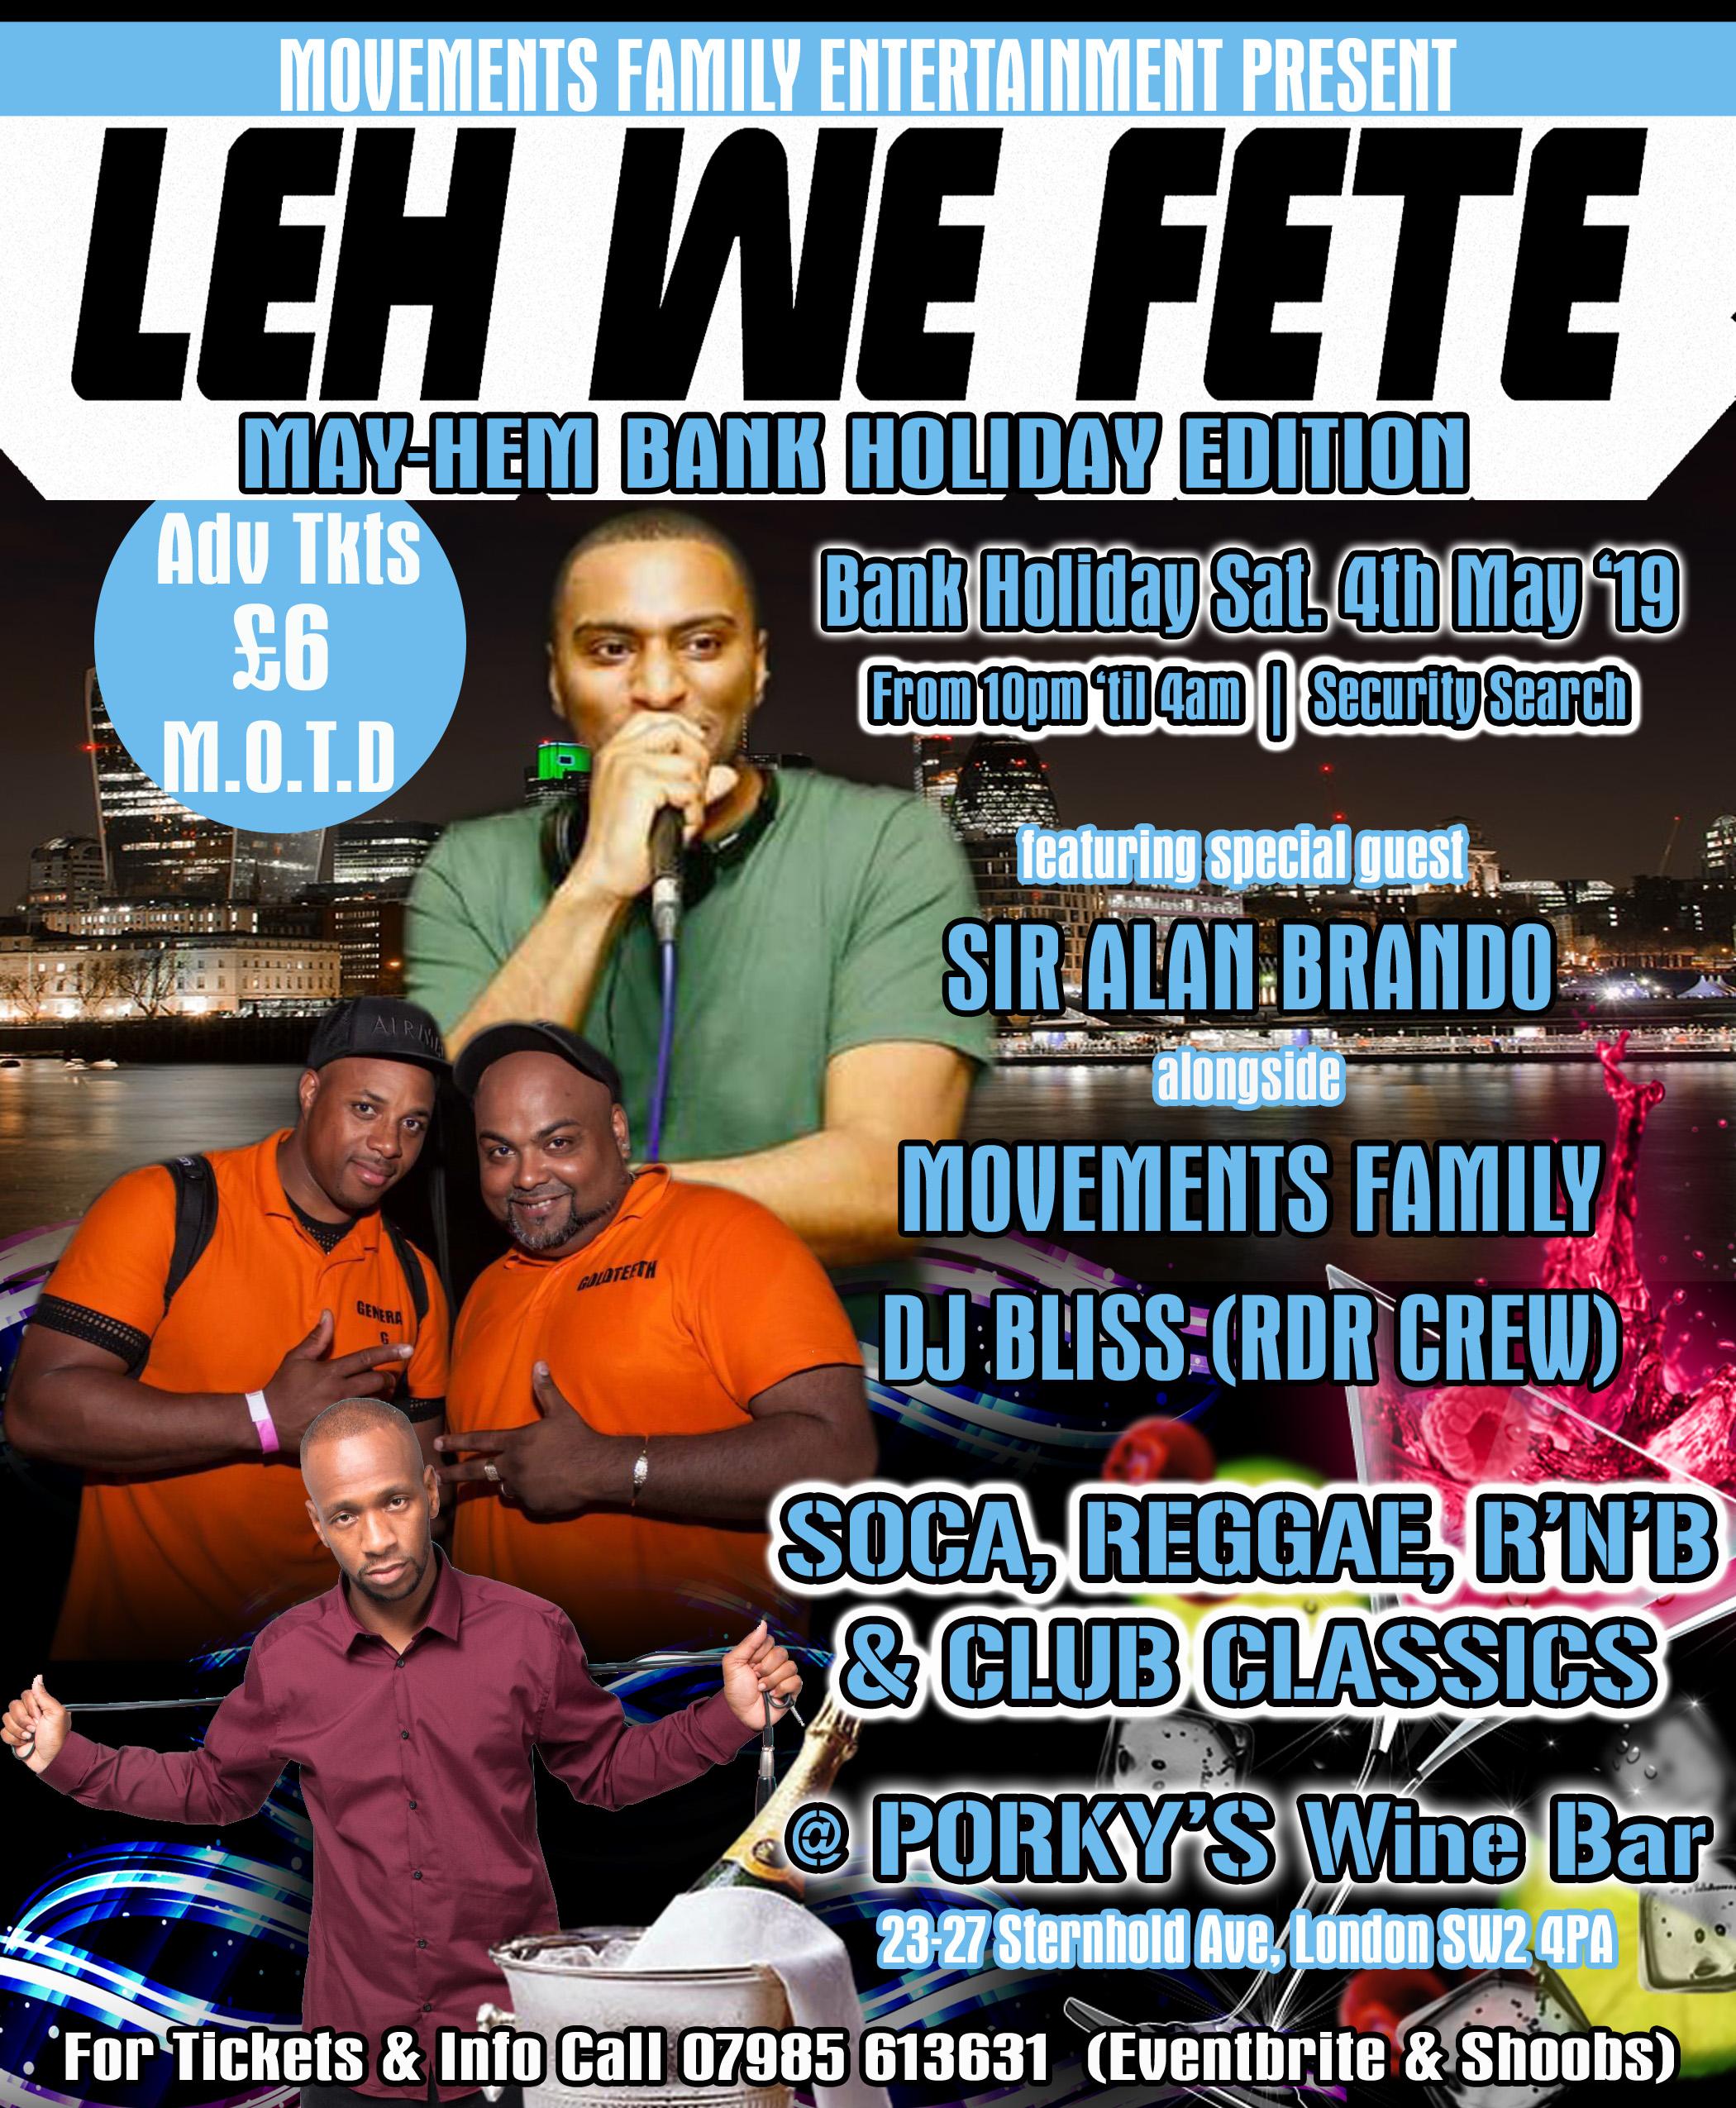 Leh We Fete - May-hem Bank Holiday Edition